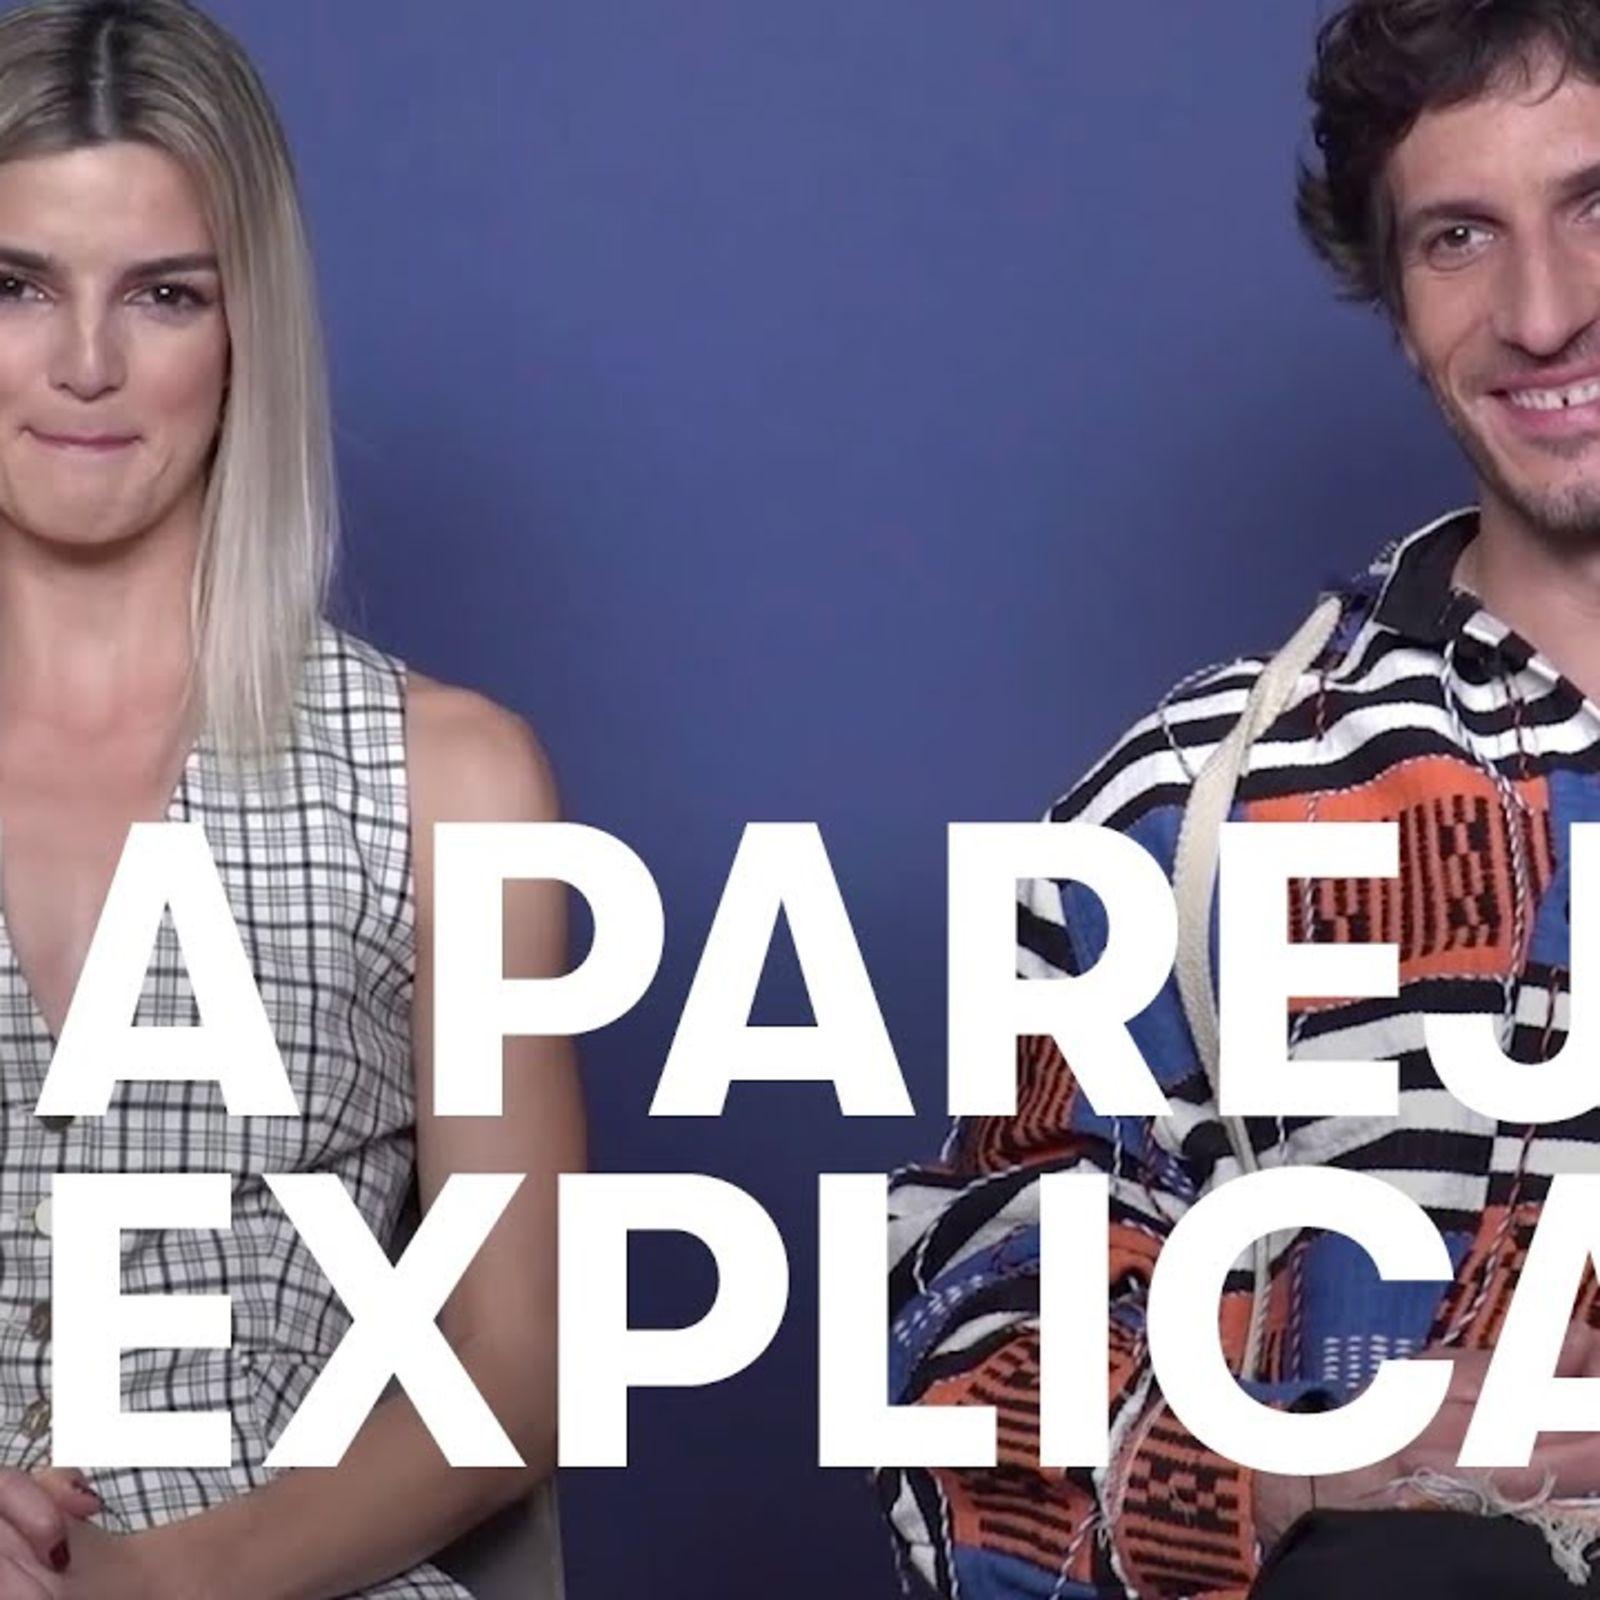 Quim Gutiérrez y Clara Lago explican cómo ser un superhéroe